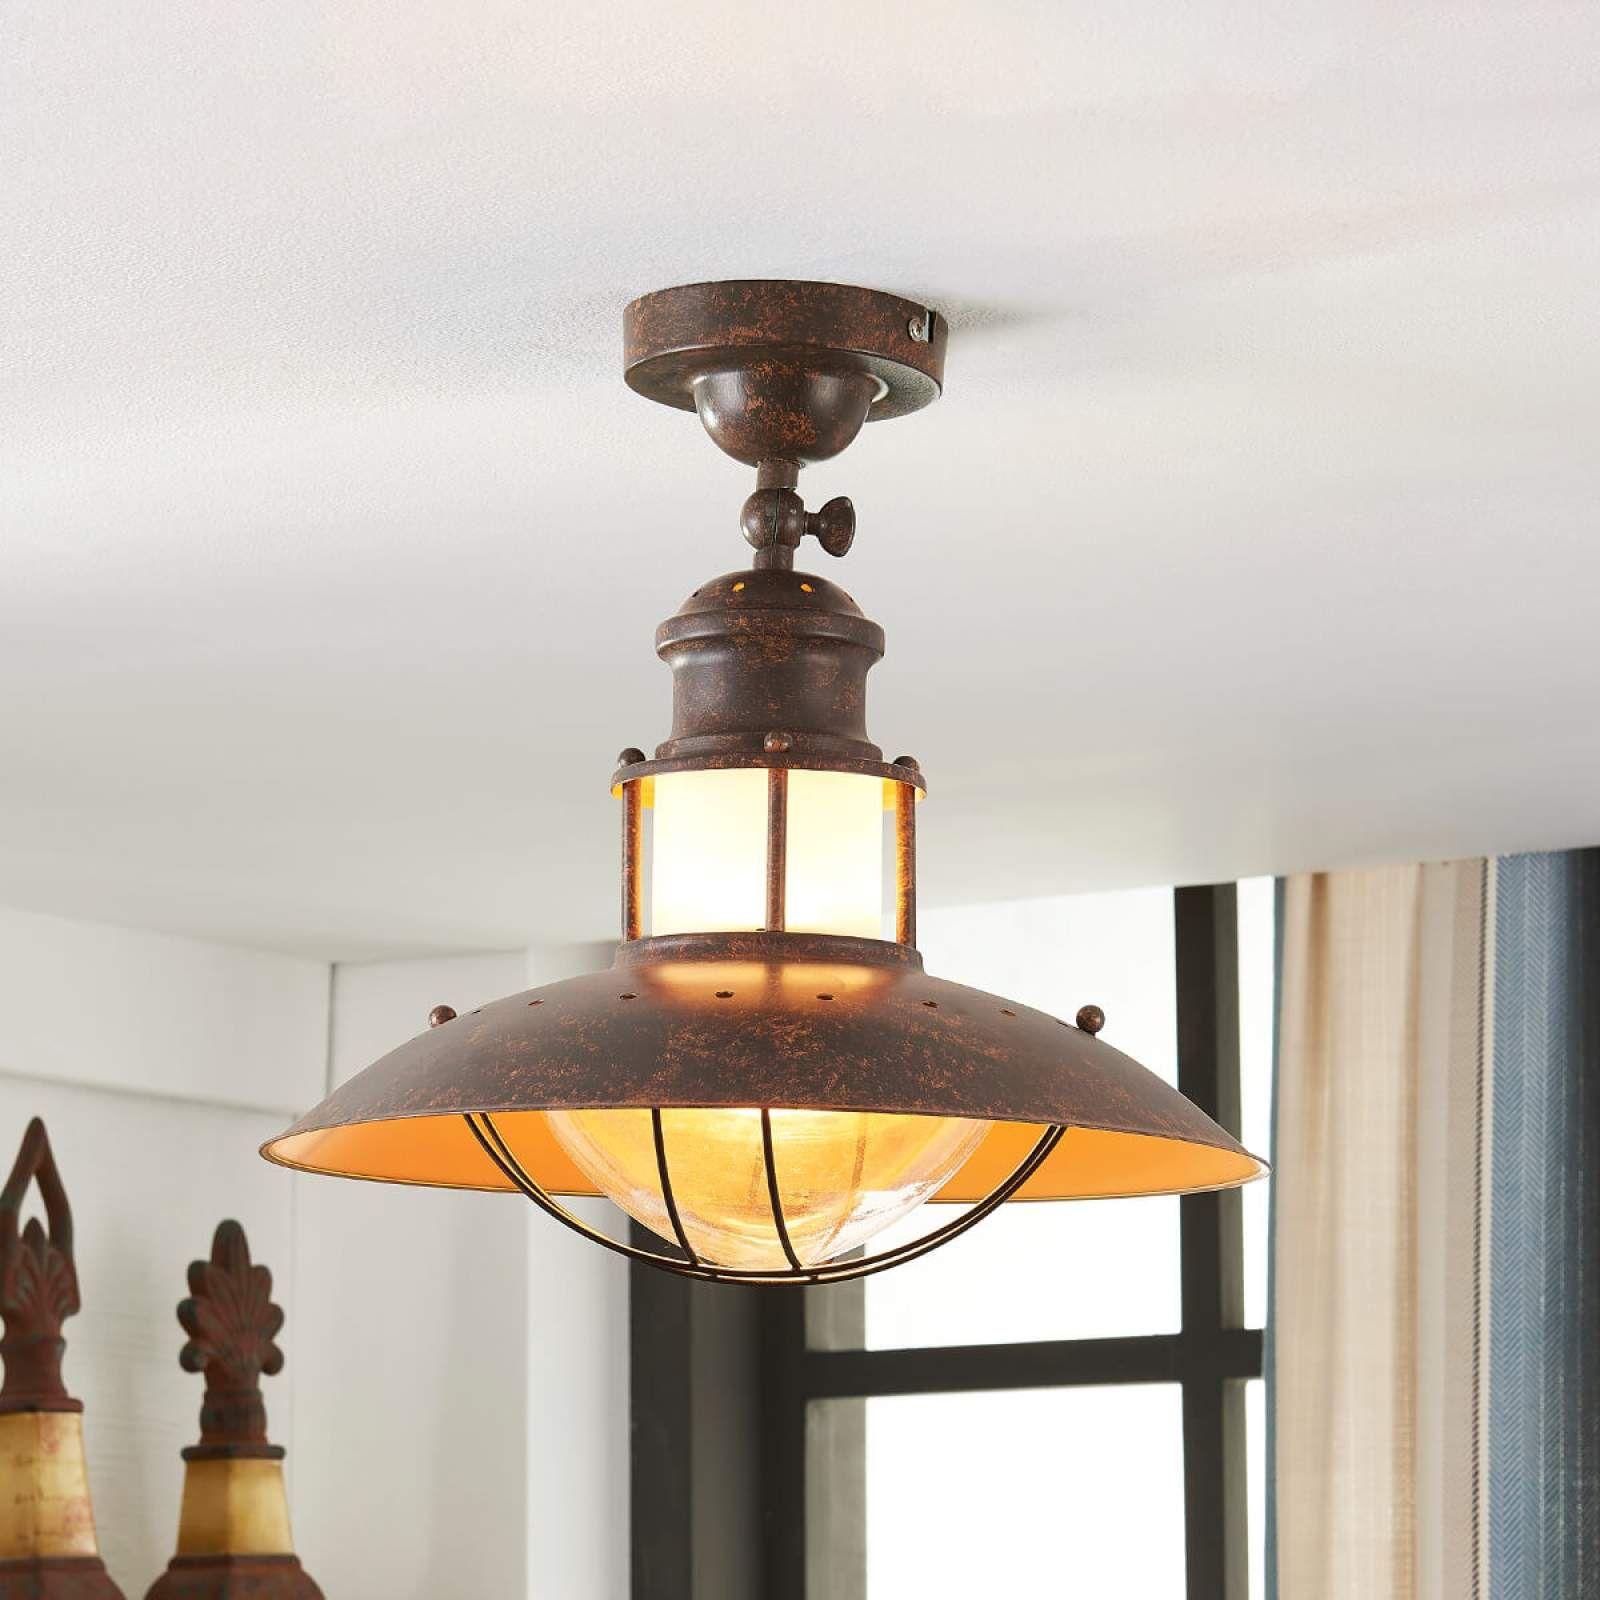 Rustikale Deckenleuchte Louisanne Von Lampenwelt Com Beleuchtung Decke Rustikale Deckenbeleuchtung Rustikal